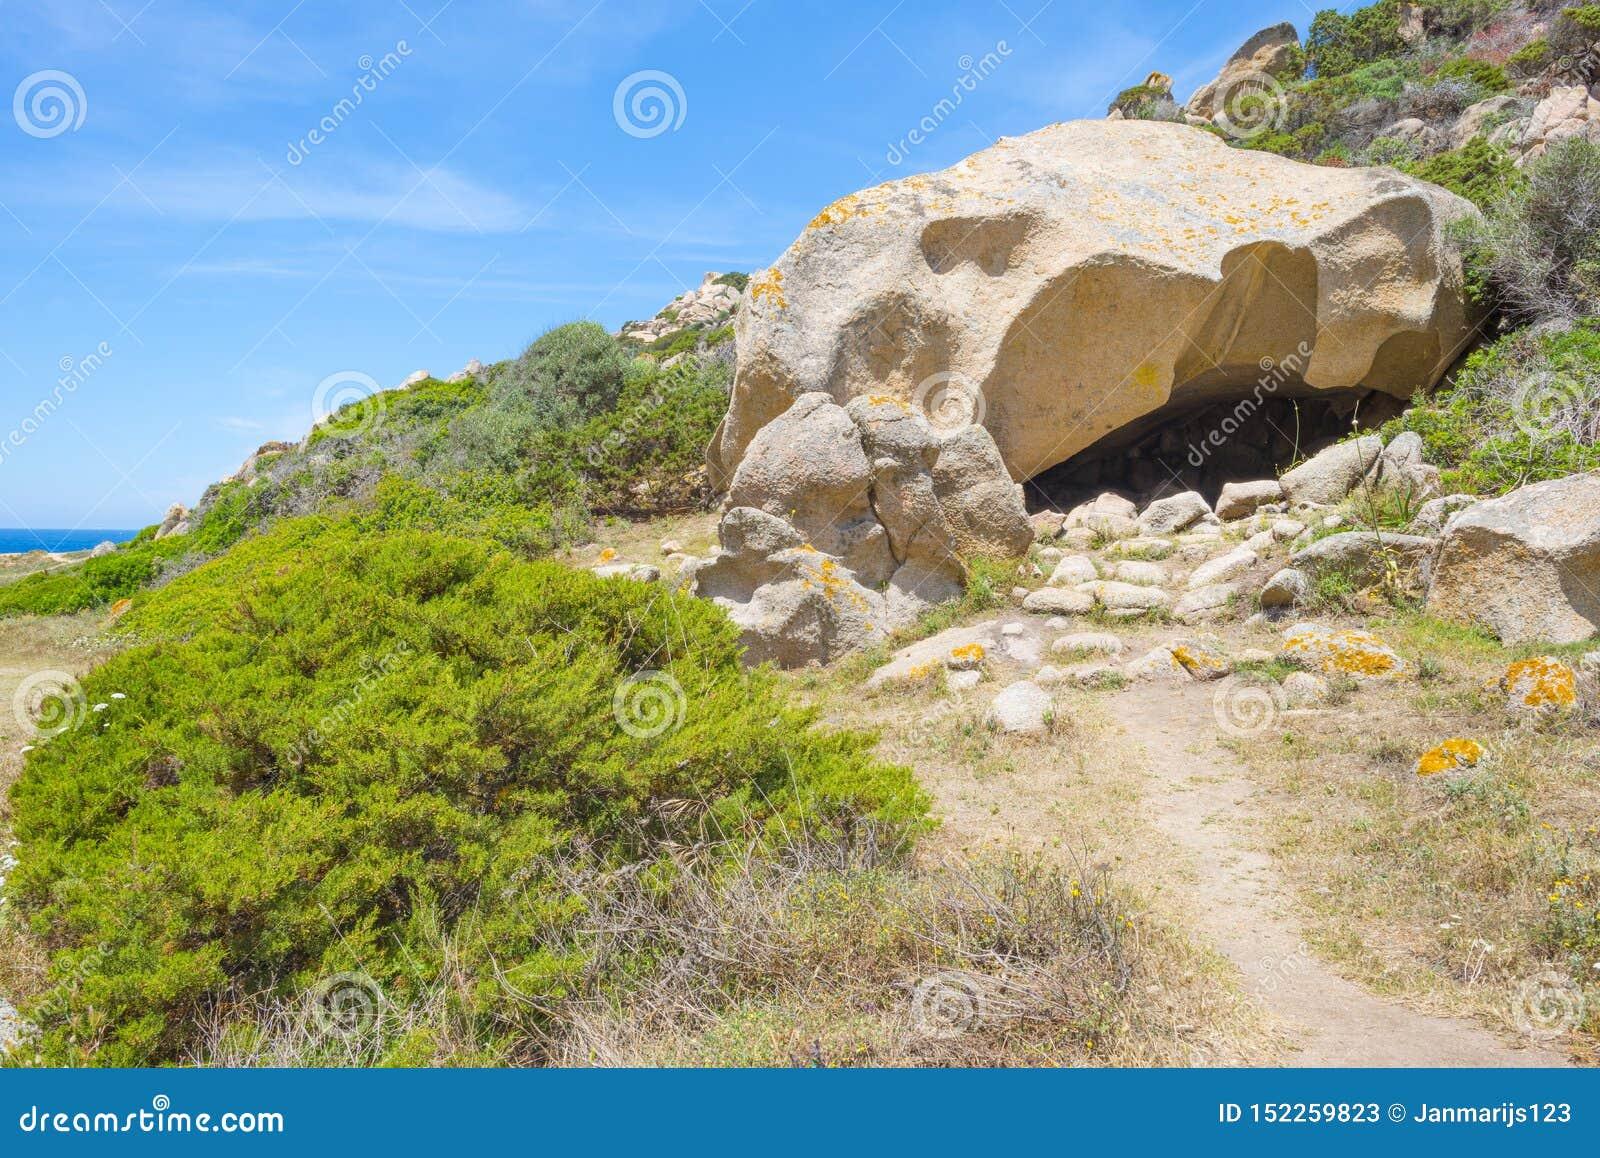 Costa rocosa de la isla de Cerdeña en el mar Mediterráneo en luz del sol